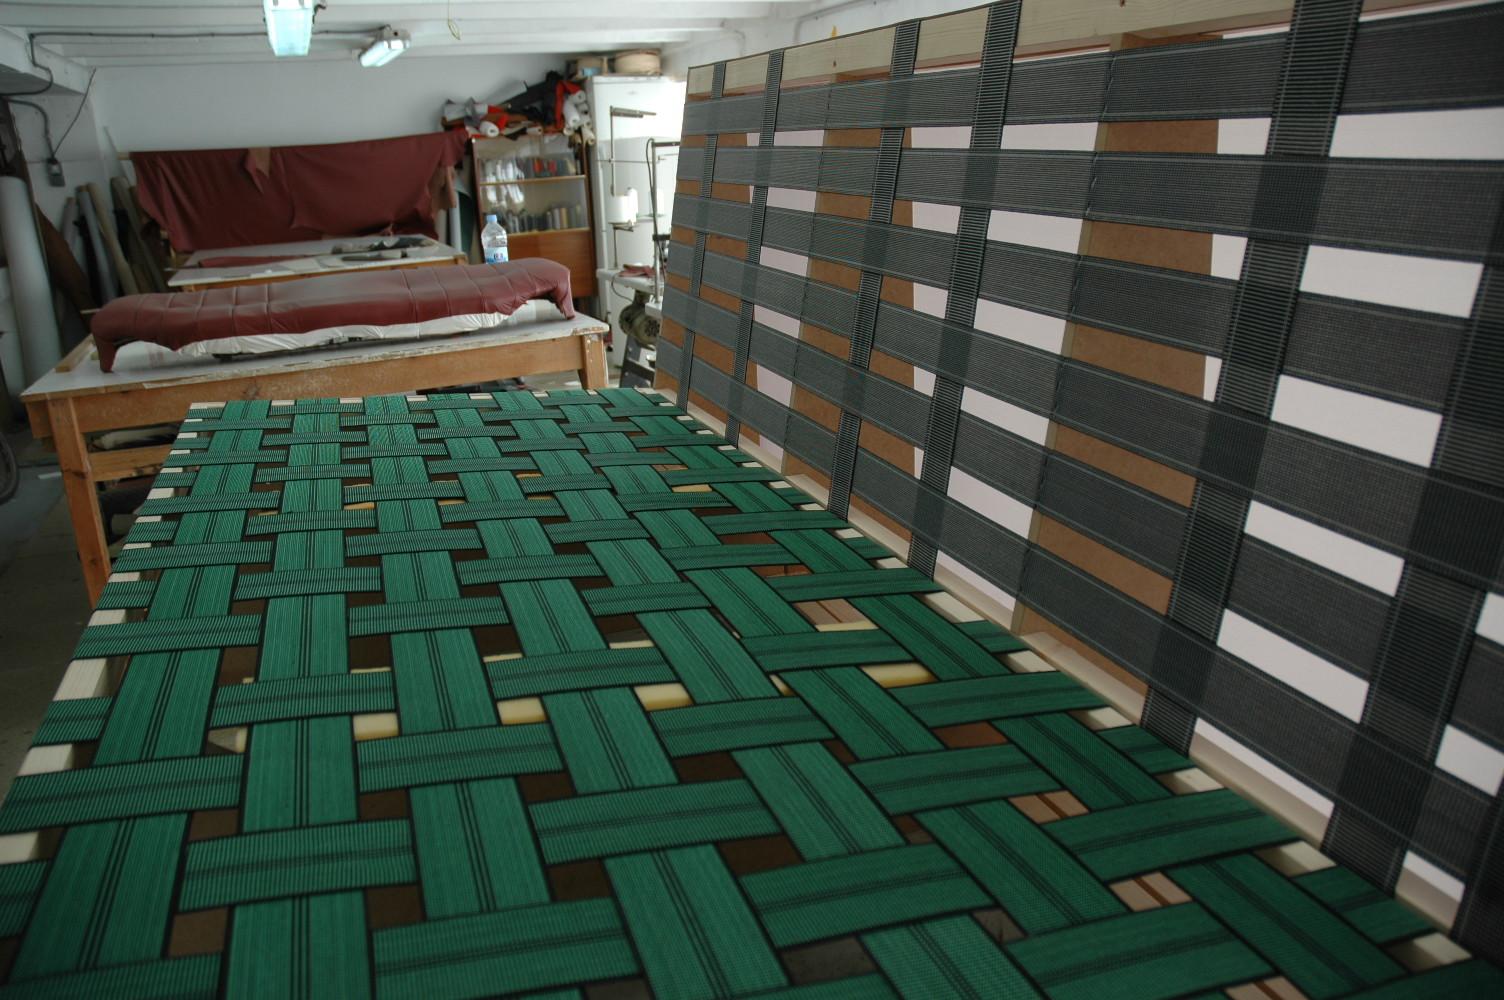 Como se tapiza un sofa free foto presupuesto para tapizar - Que cuesta tapizar un sofa ...